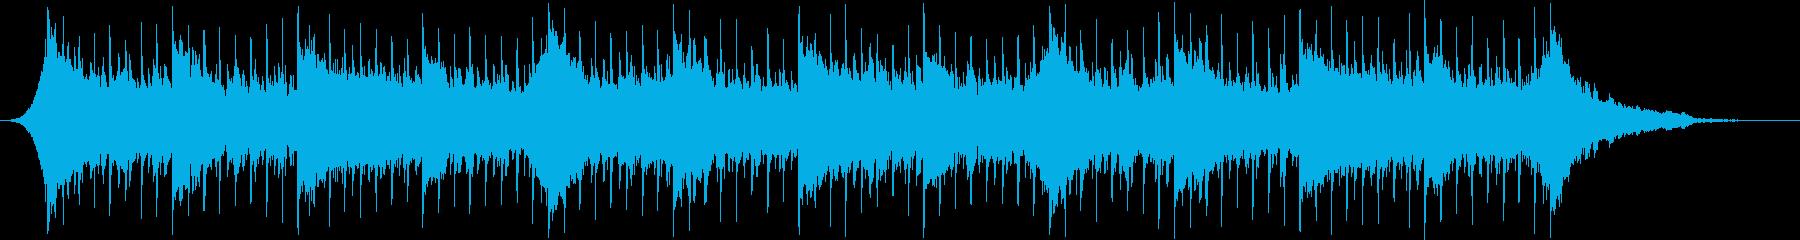 企業VP系91、シンプル、アンビ、爽快bの再生済みの波形